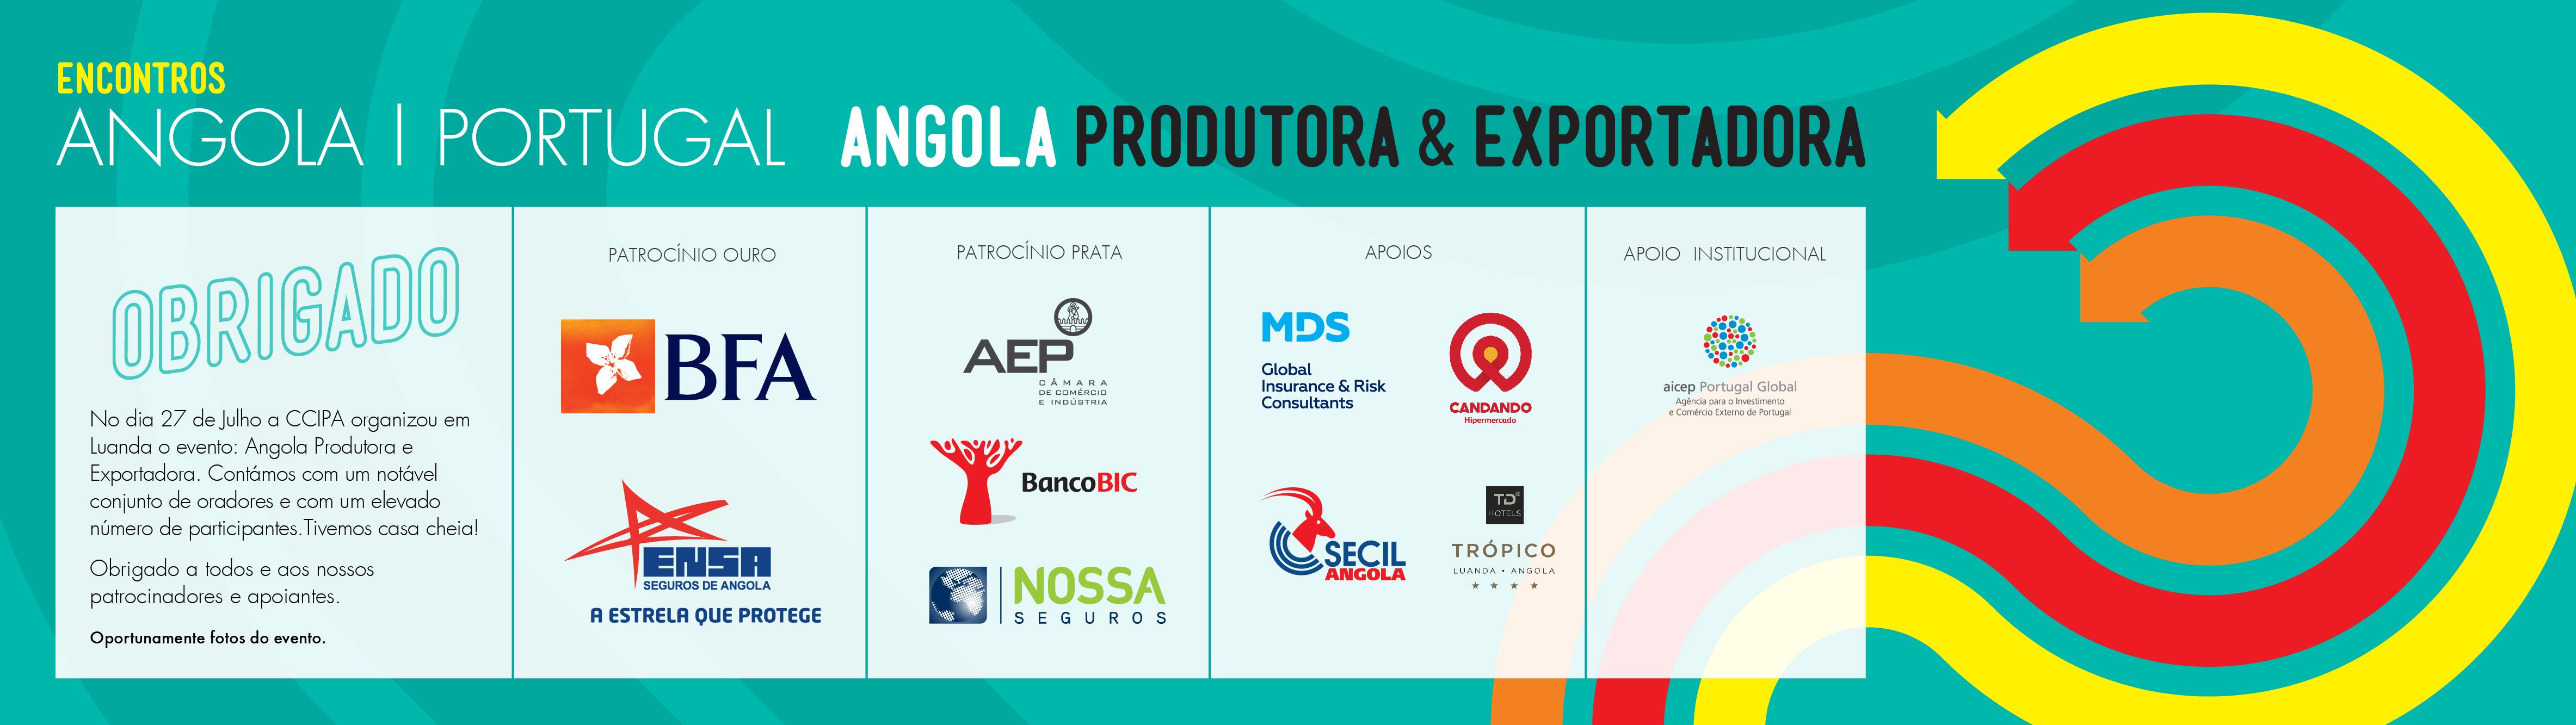 Encontros Angola – Portugal  | Angola Produtora & Exportadora. Veja as nossas fotografias!!!